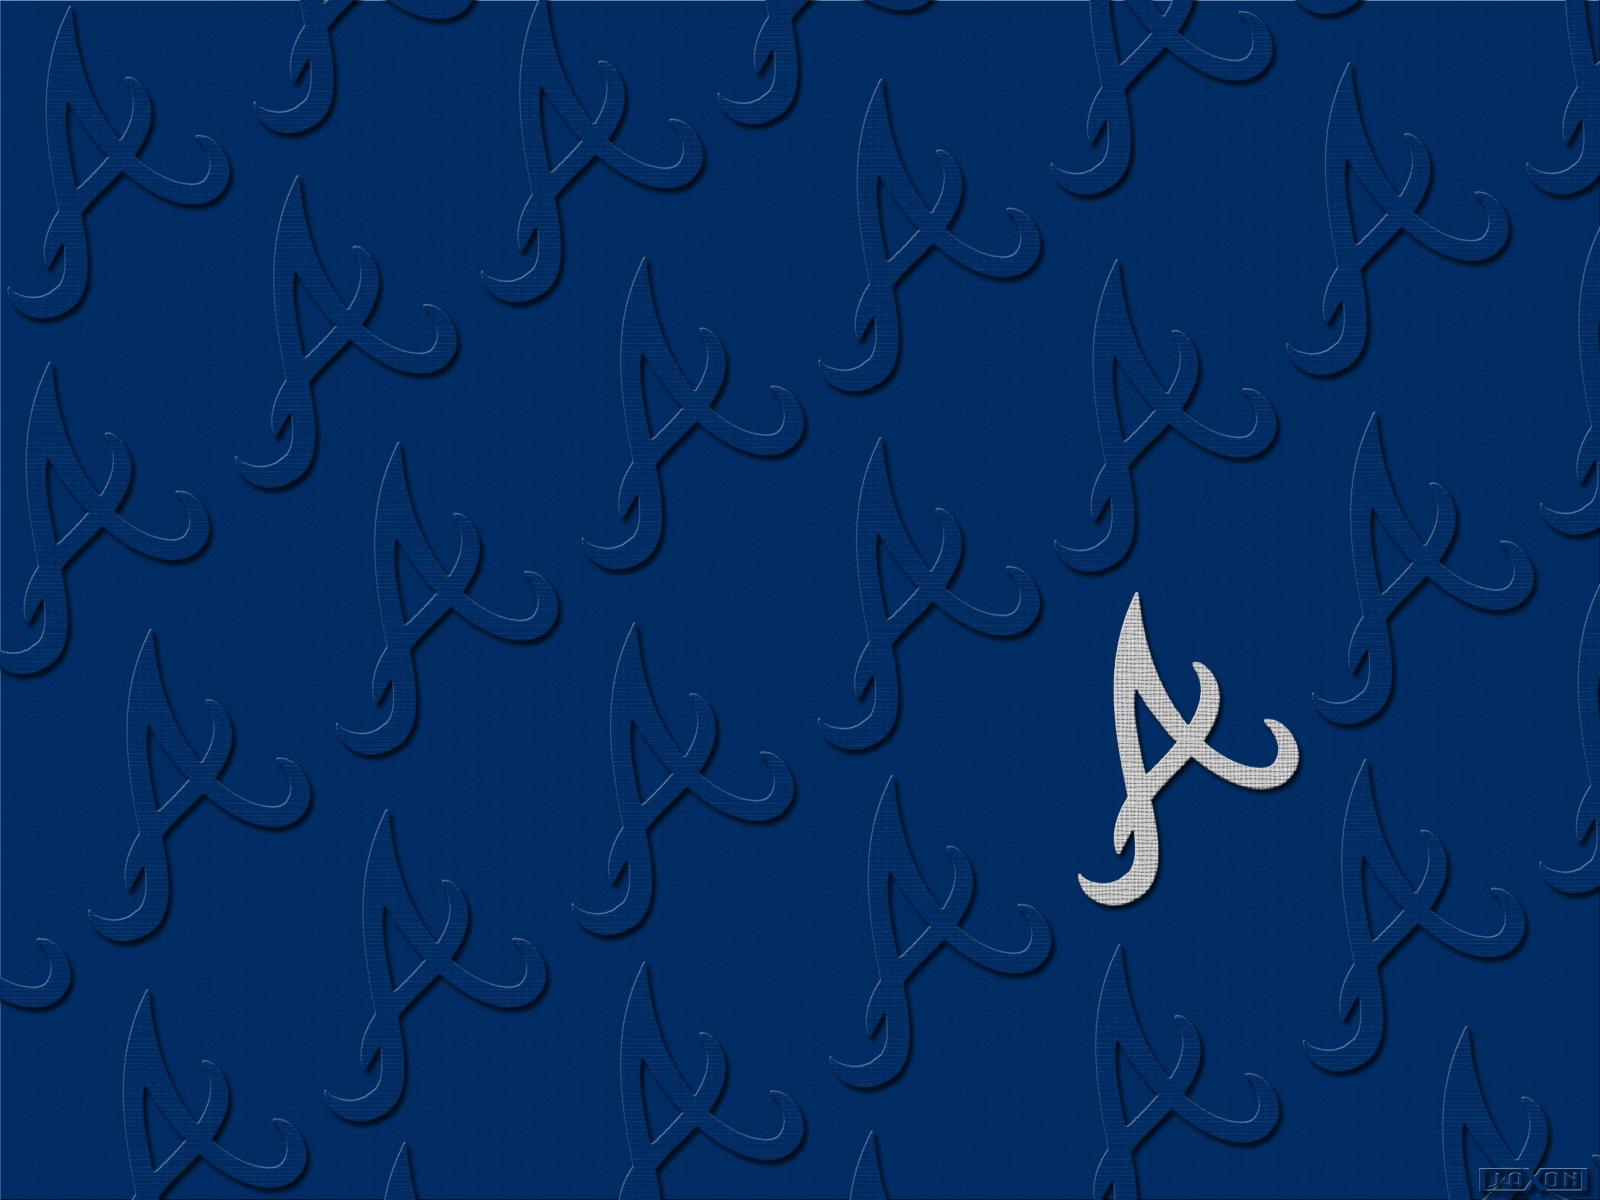 Atlanta Braves Wallpapers 62 Images: Atlanta Braves Wallpaper By JayJaxon On DeviantArt